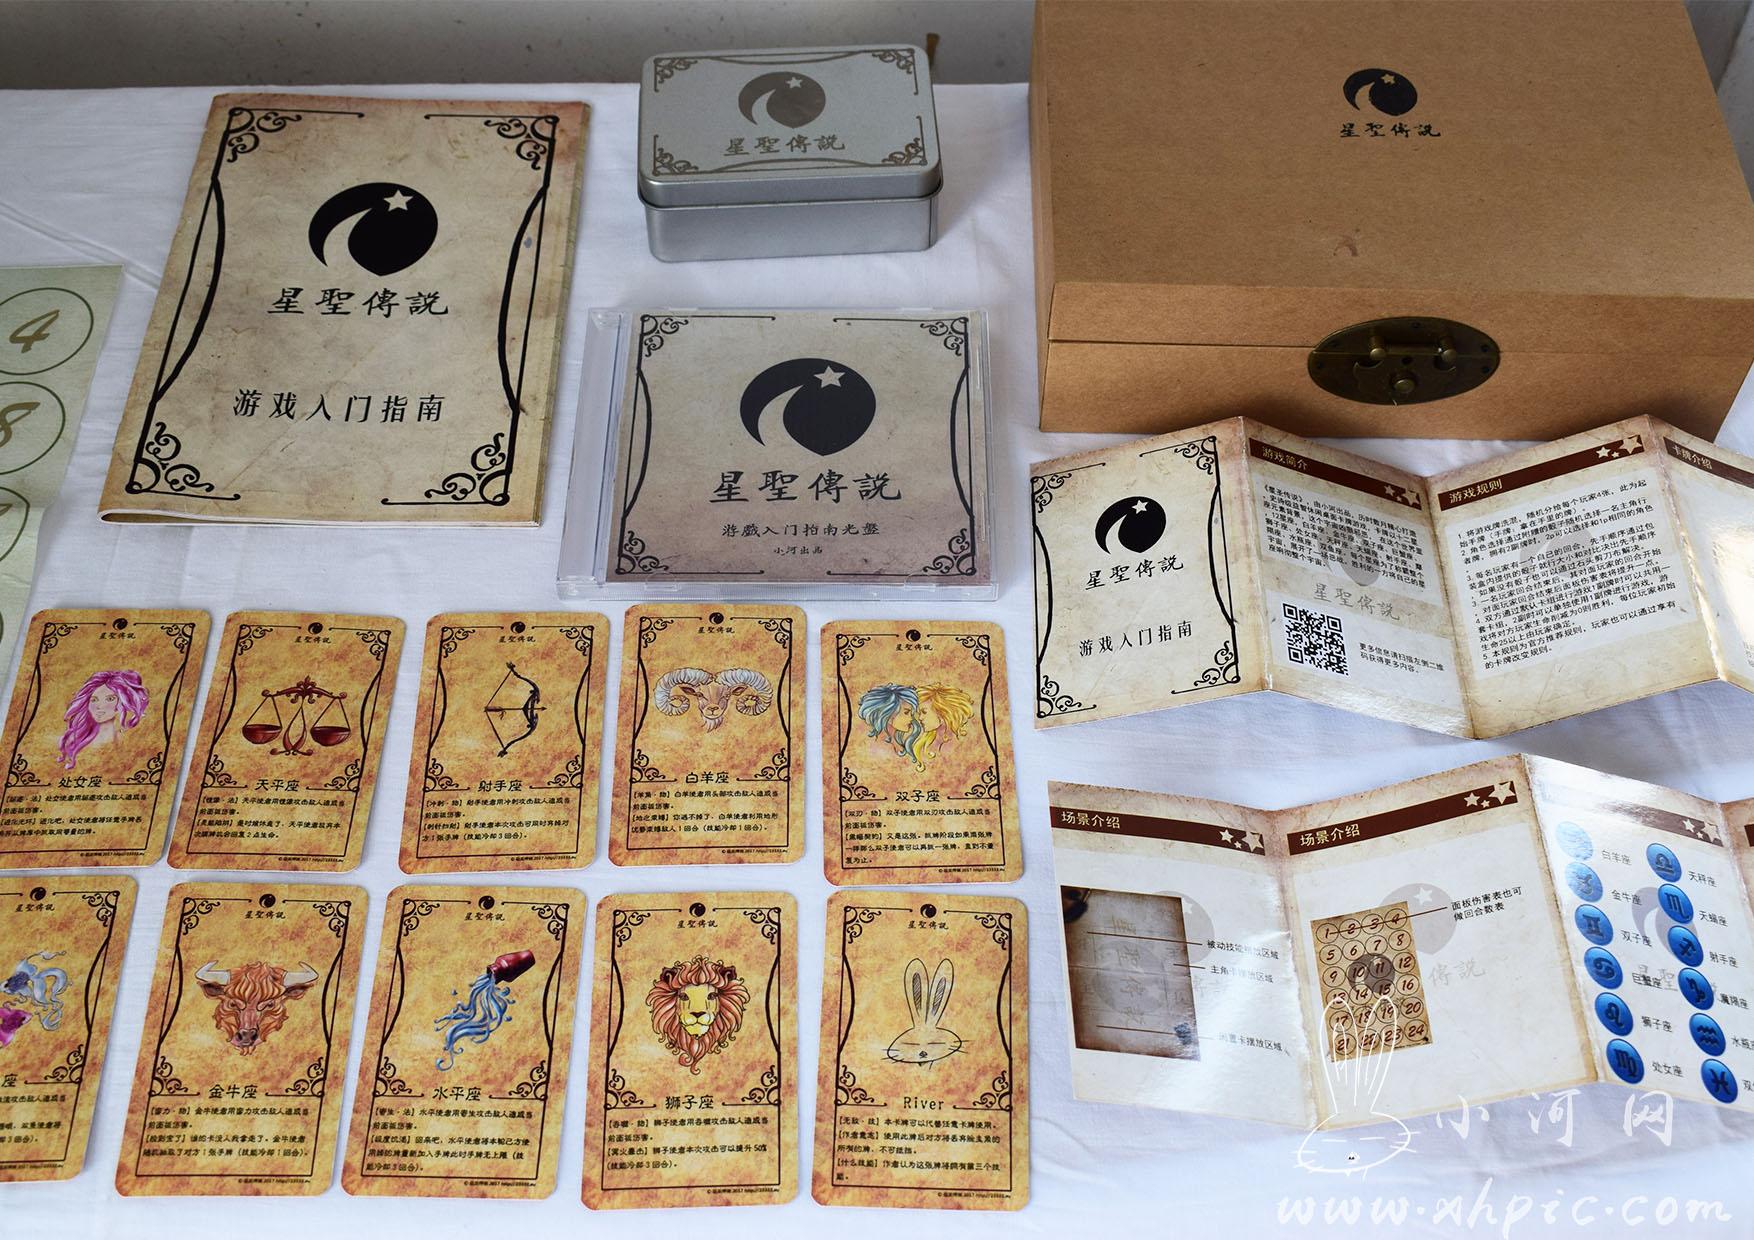 十二星座桌面卡牌游戏-星圣传说 个人作品 第7张